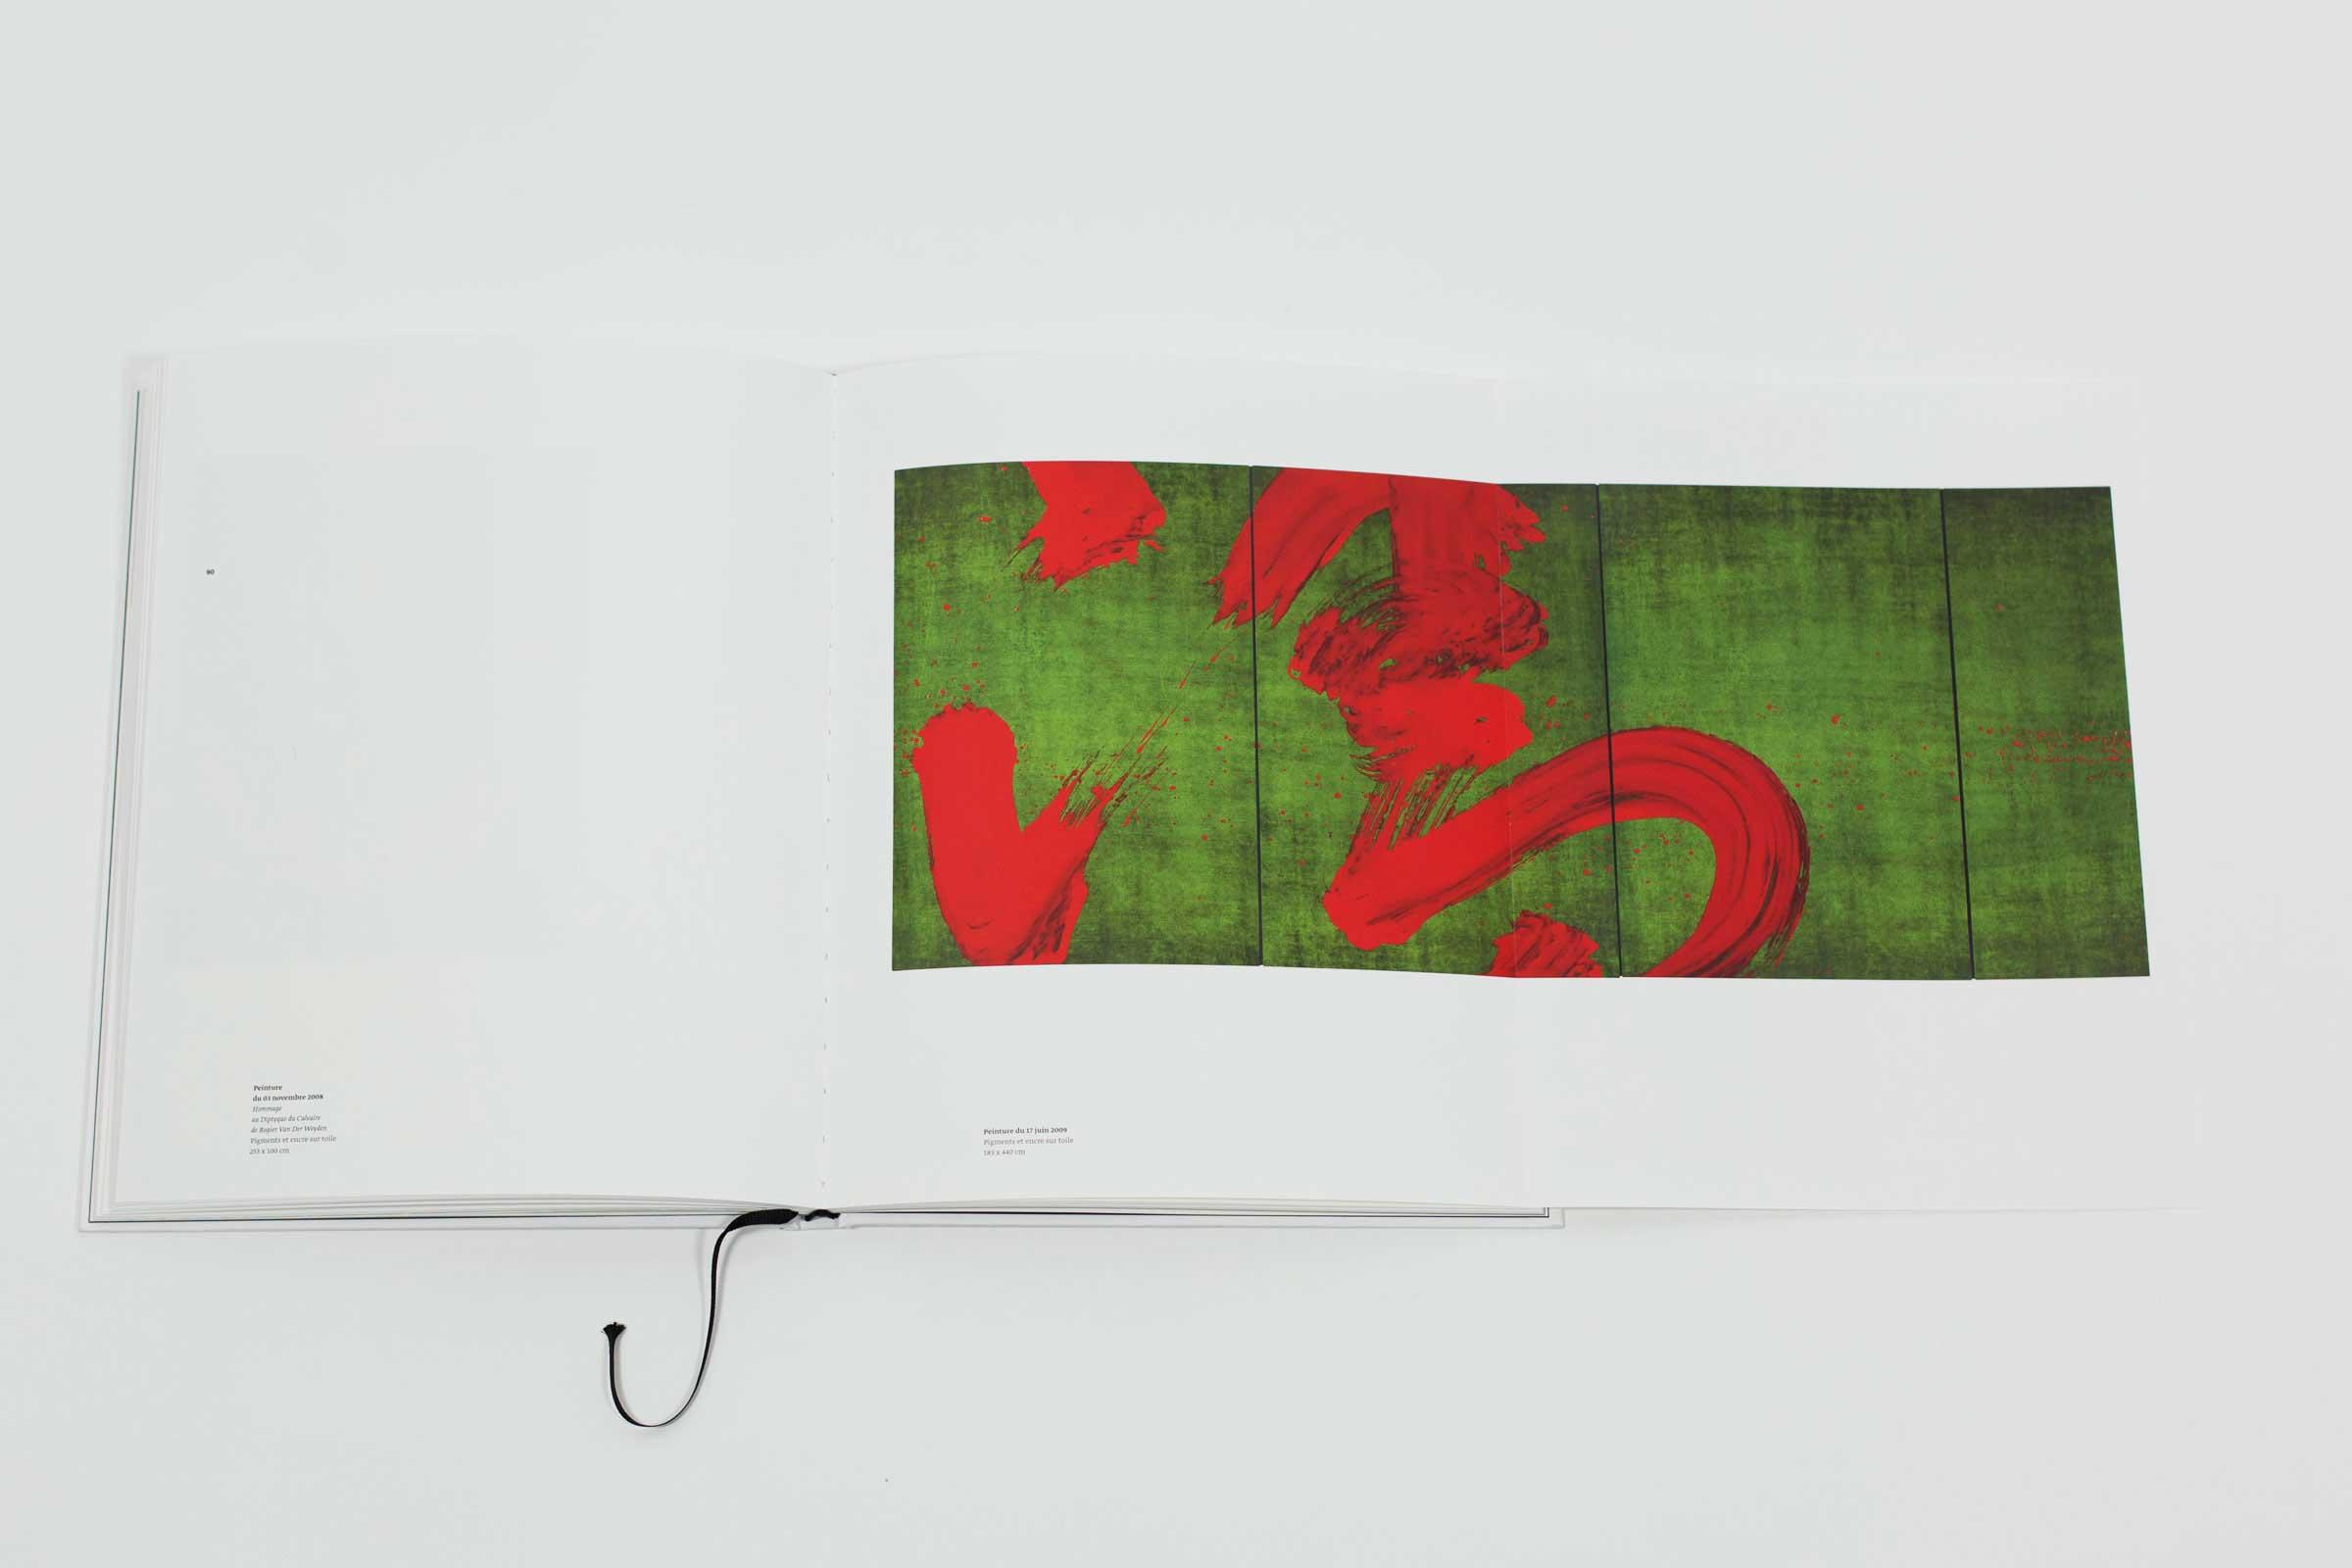 Catalogue prestige peinture id es de design d 39 int rieur for Catalogue design interieur